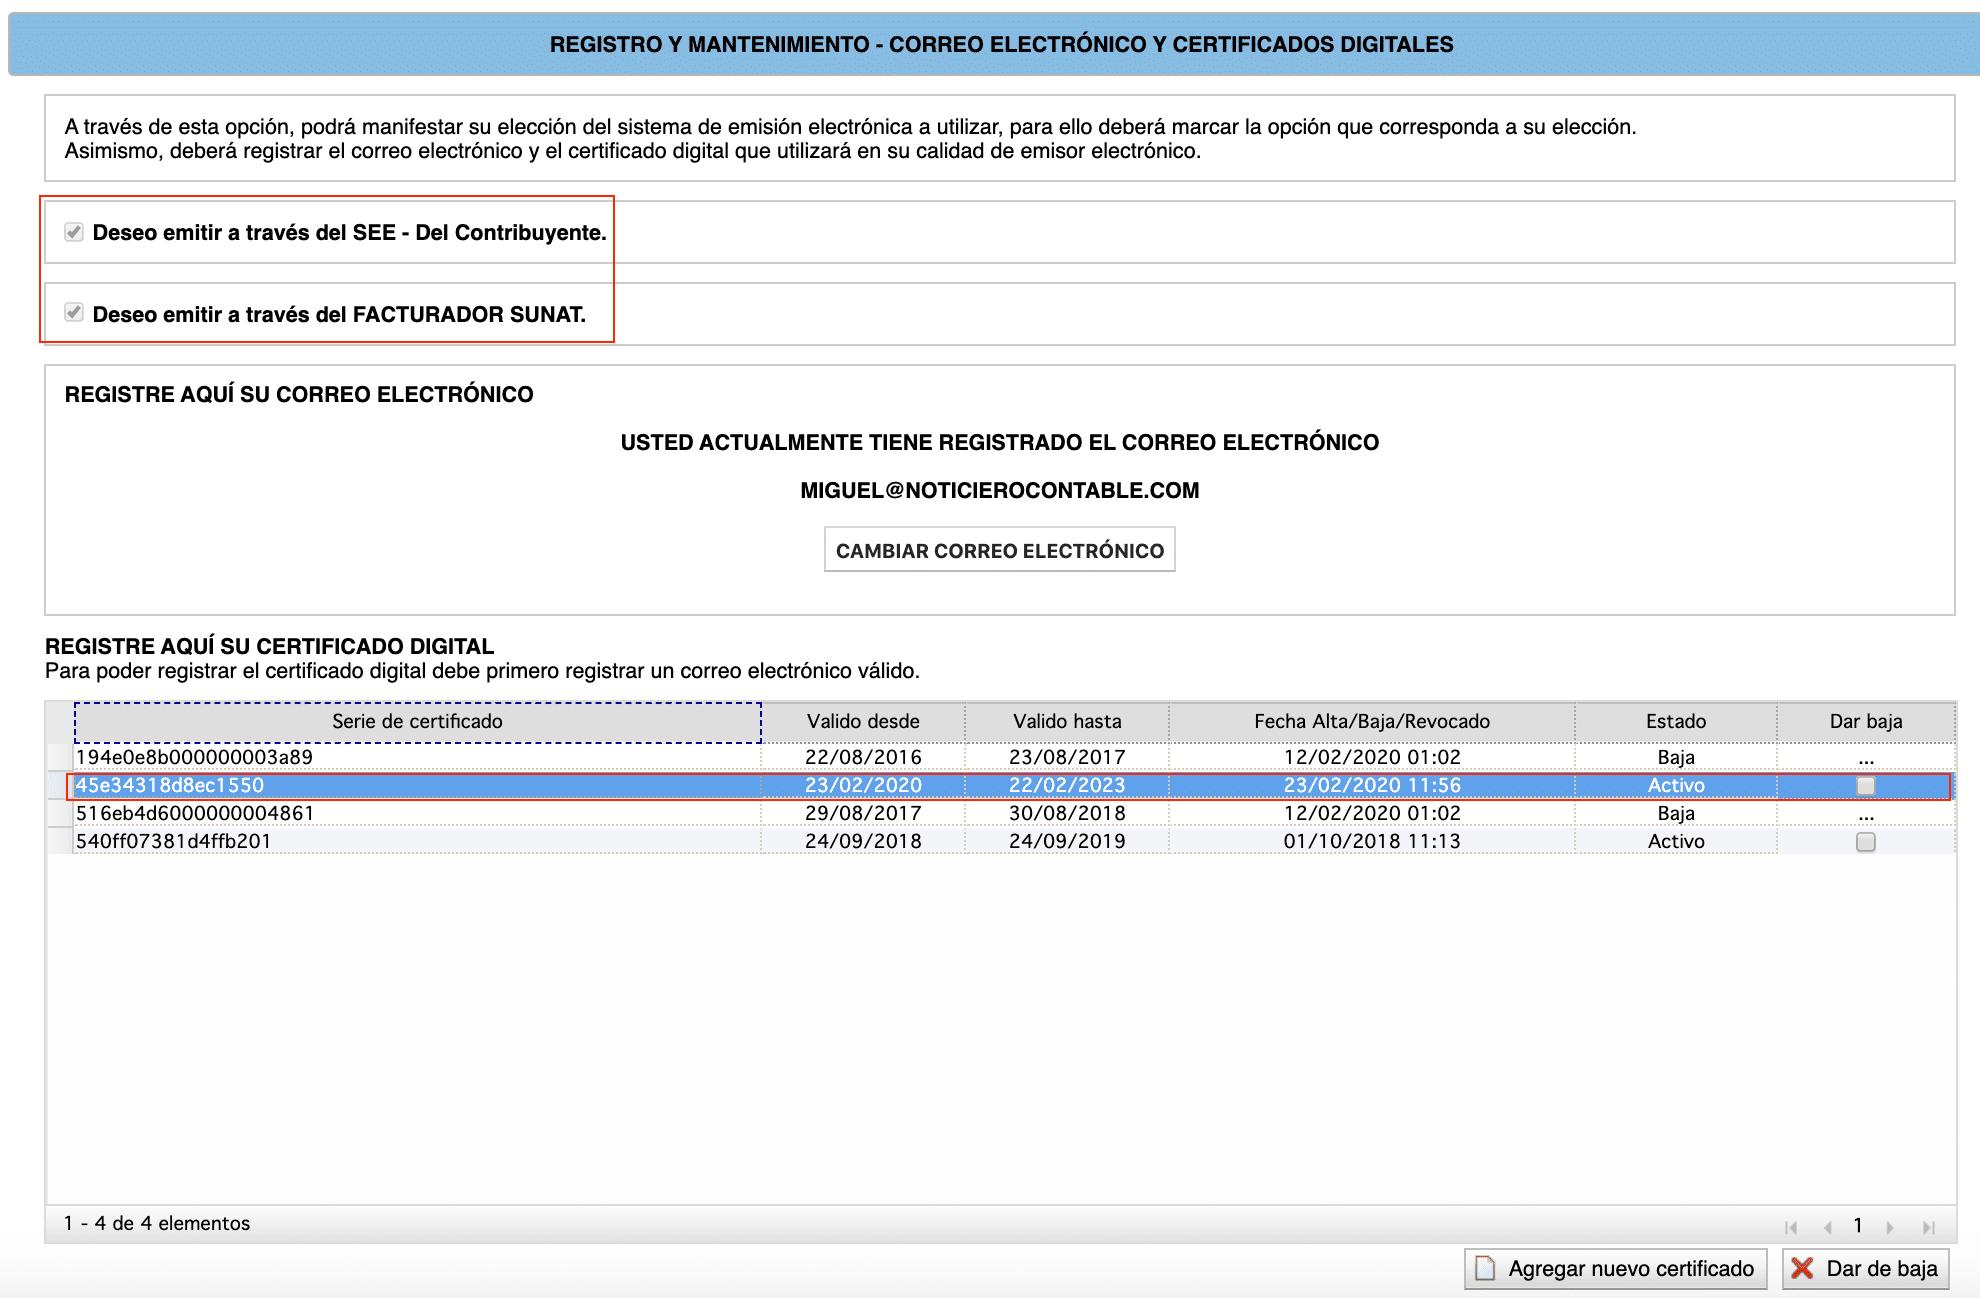 registro de certificados digitales